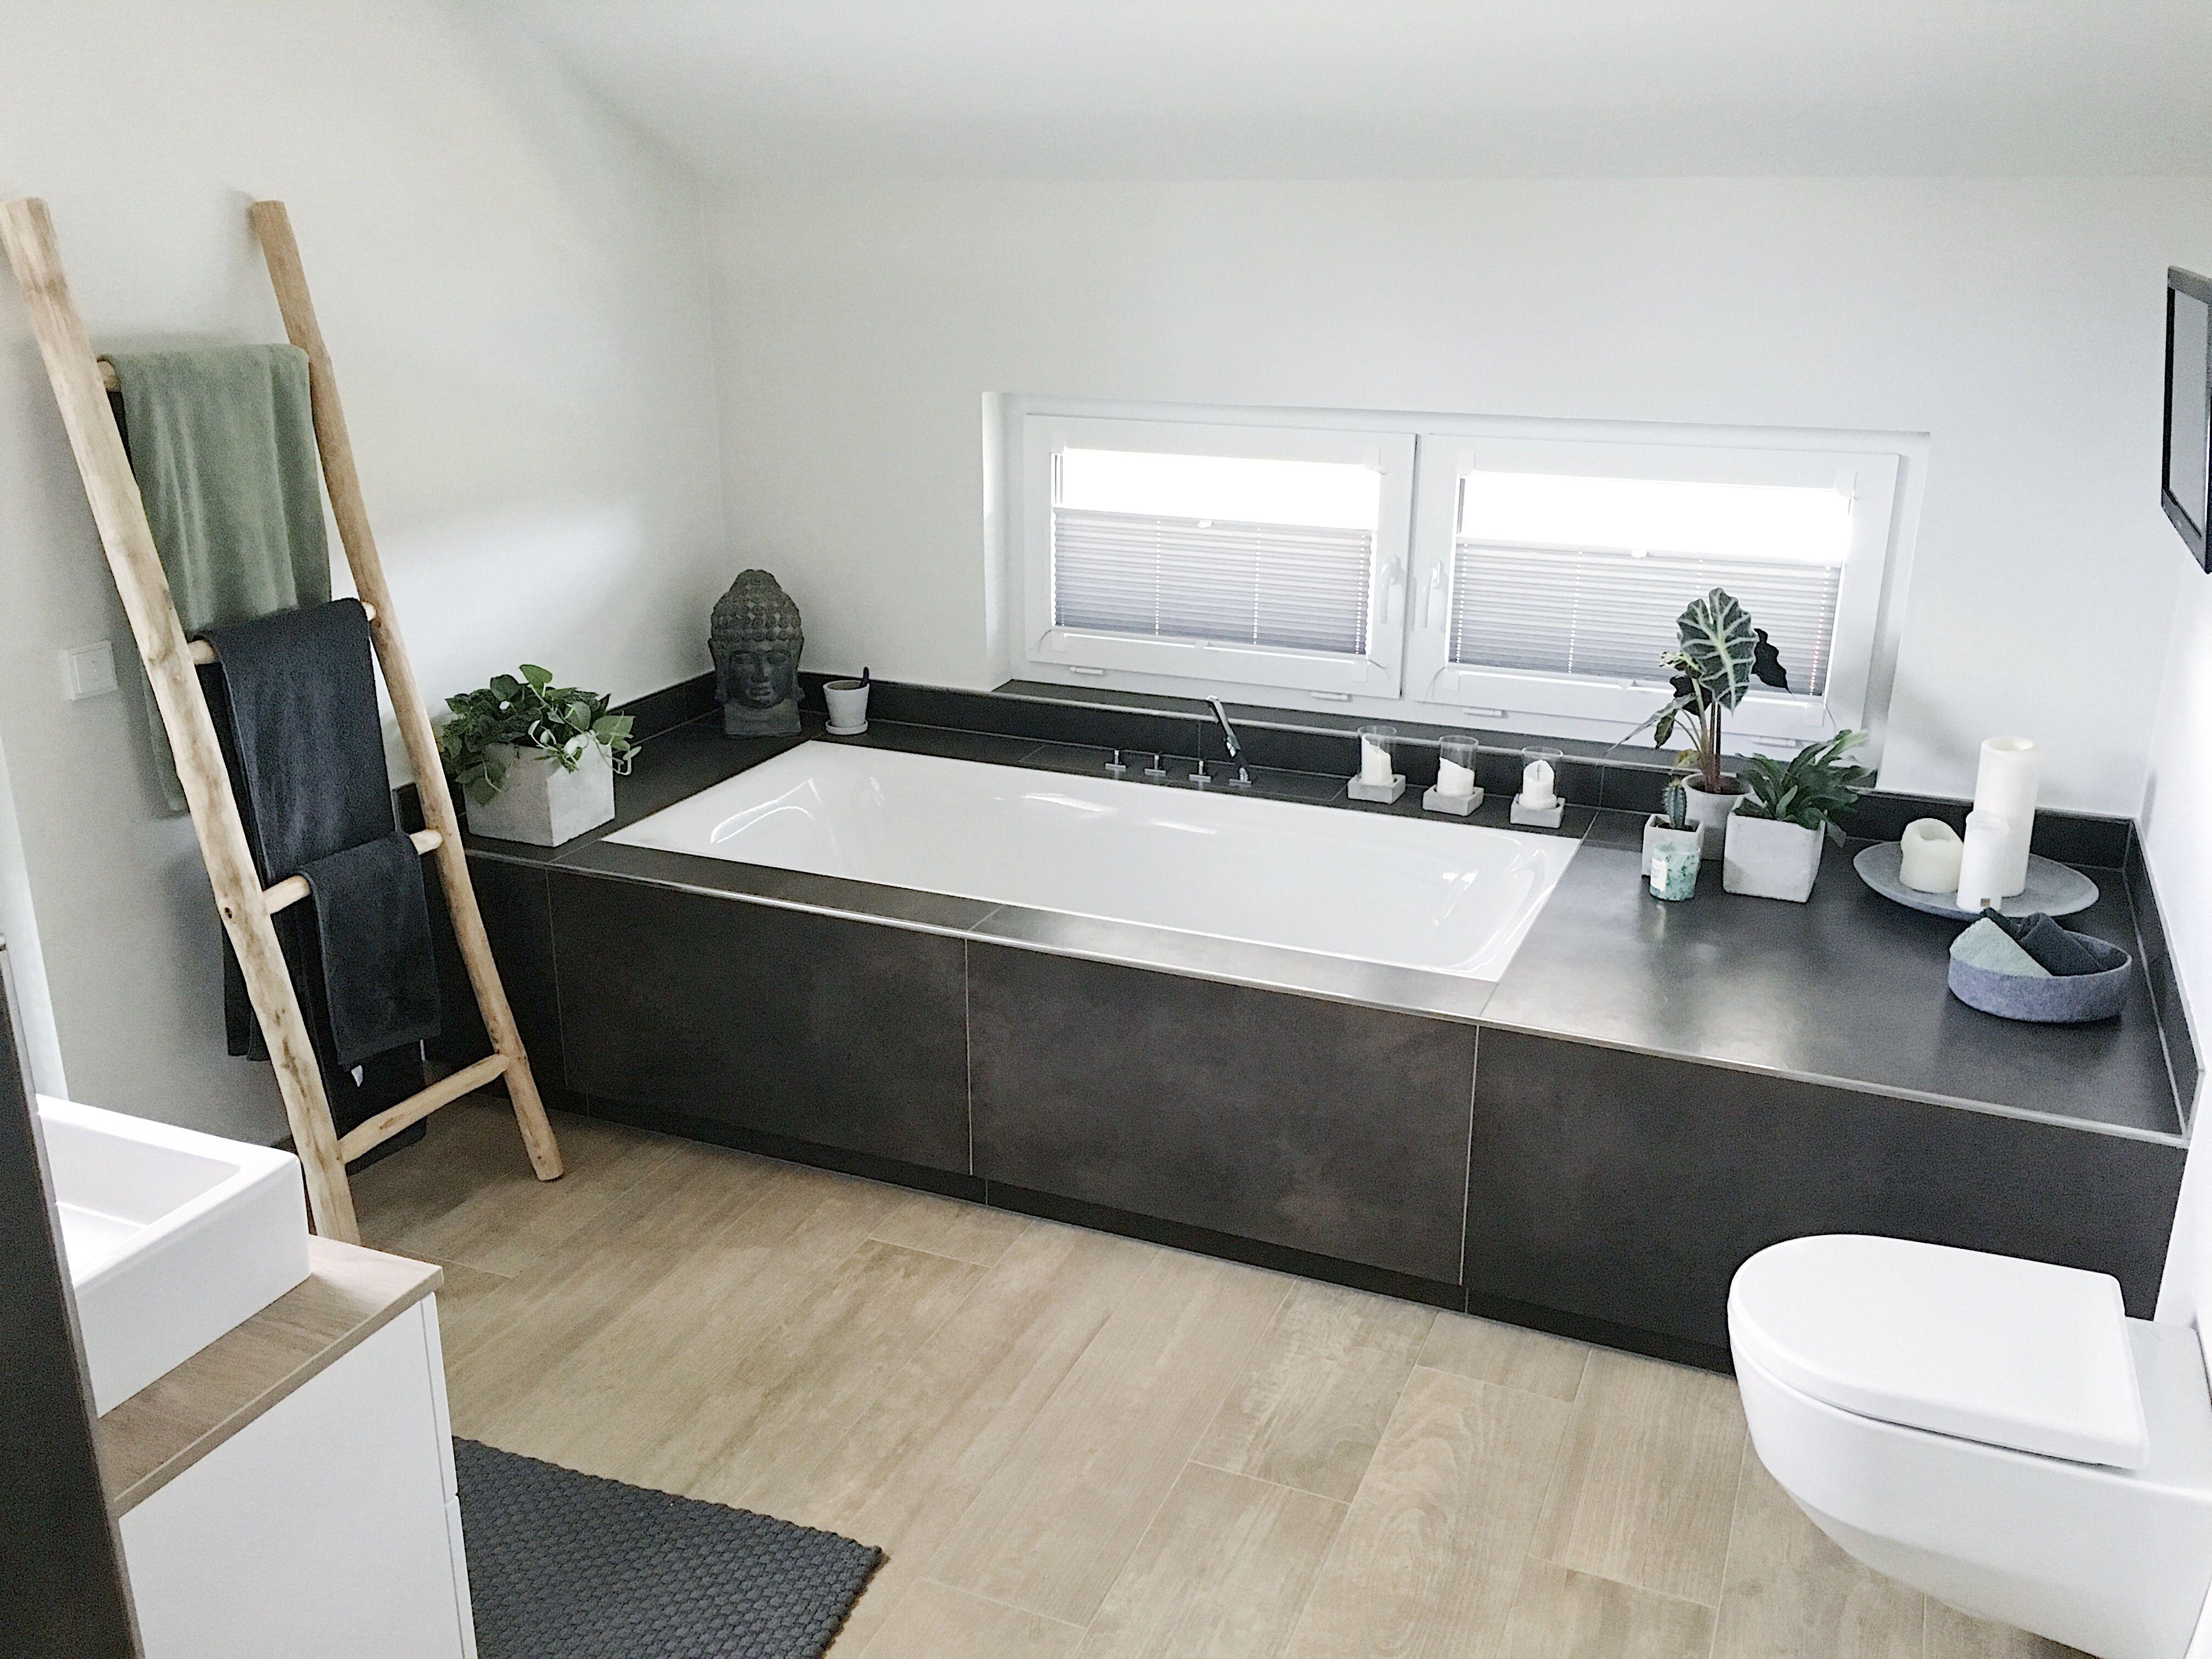 badewannenpodest loft pinterest badezimmer bad und baden. Black Bedroom Furniture Sets. Home Design Ideas